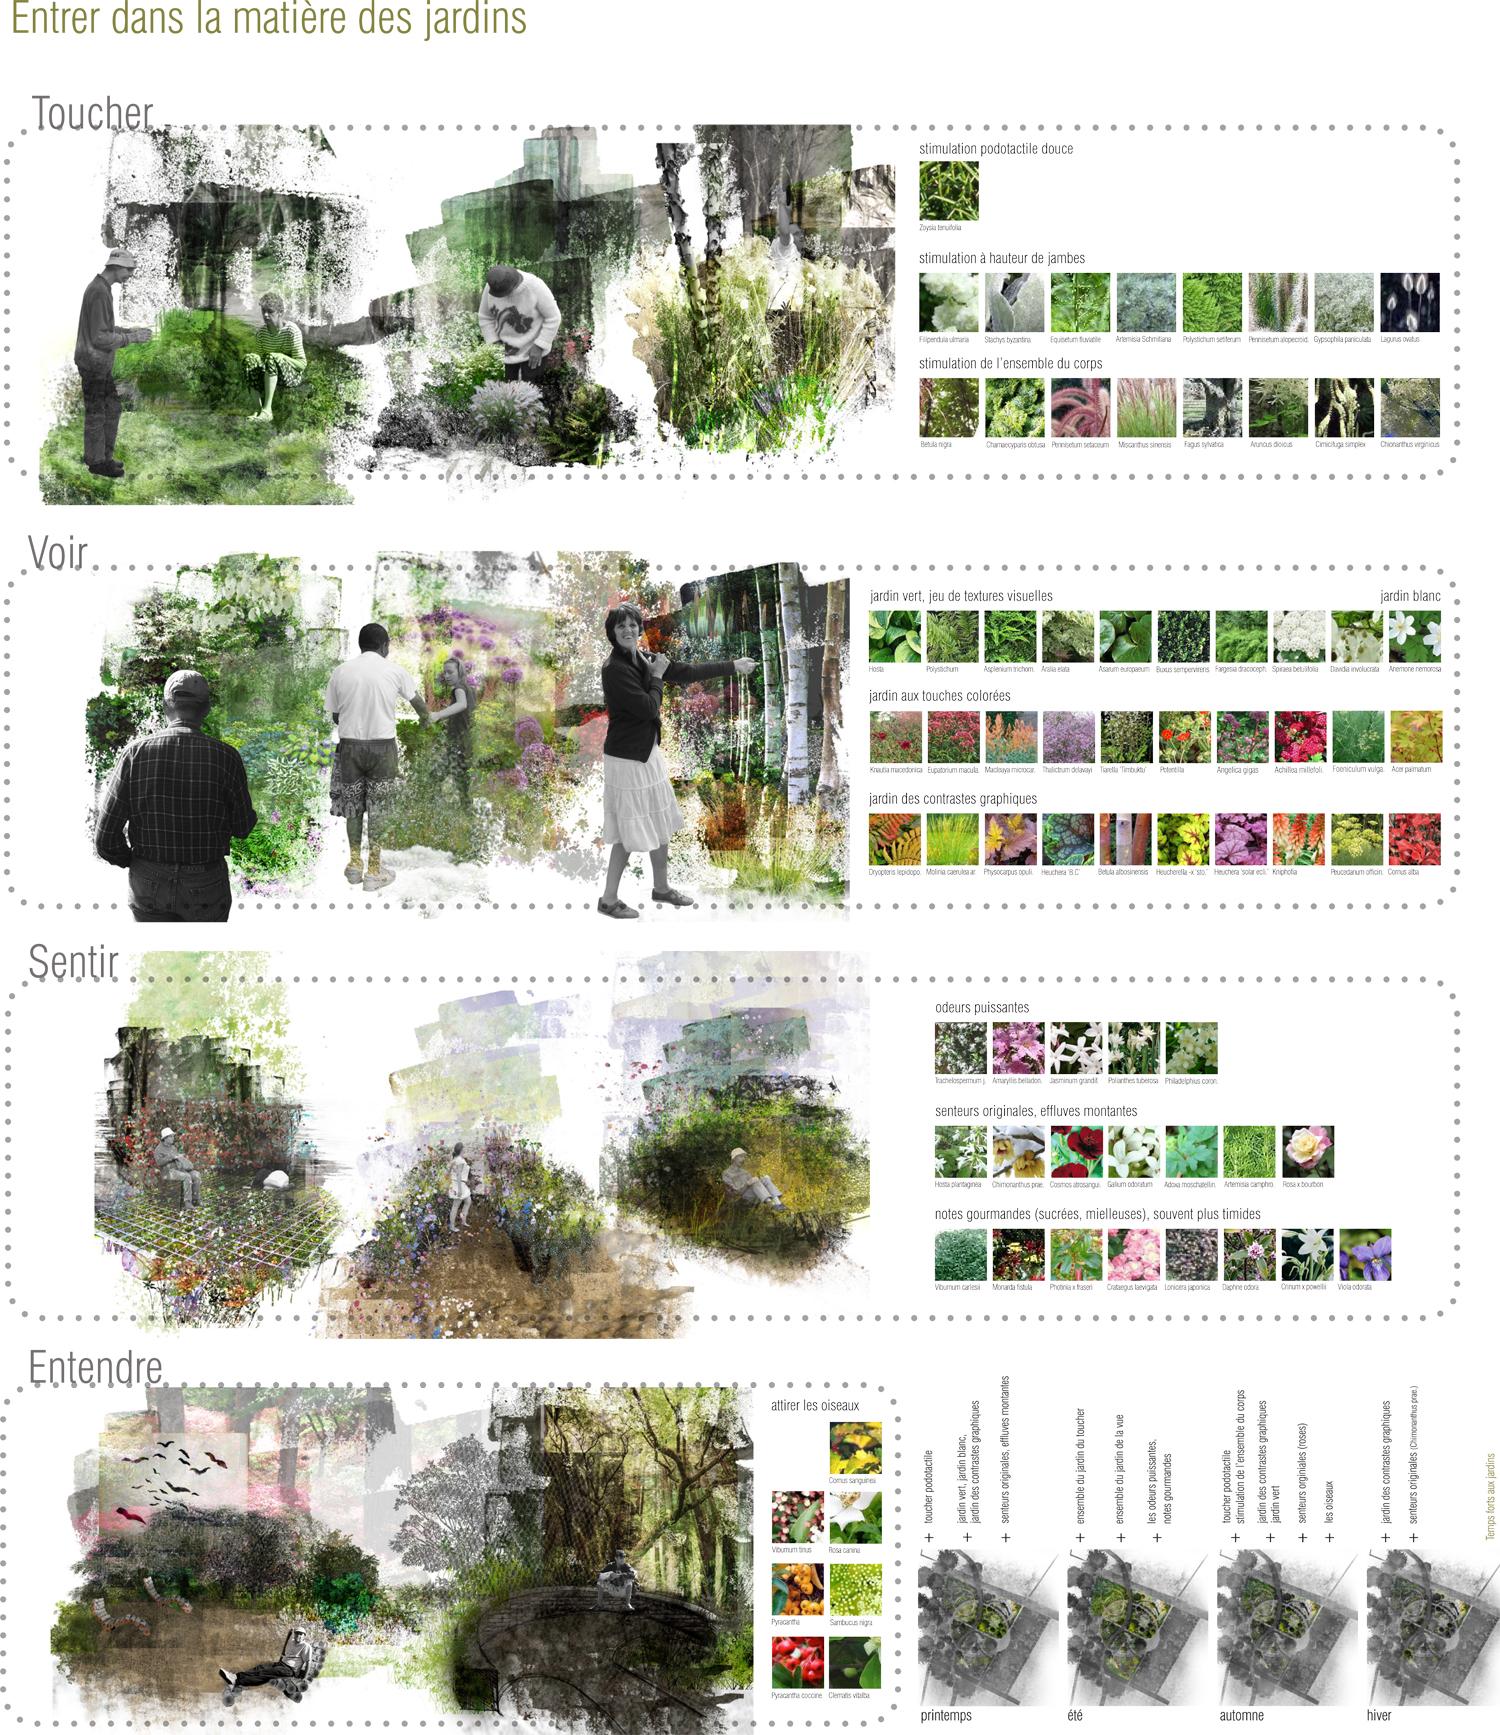 Repenser les parcs et jardins au regard d'un autre monde, l'autisme paysagiste Clermont-Ferrand 2